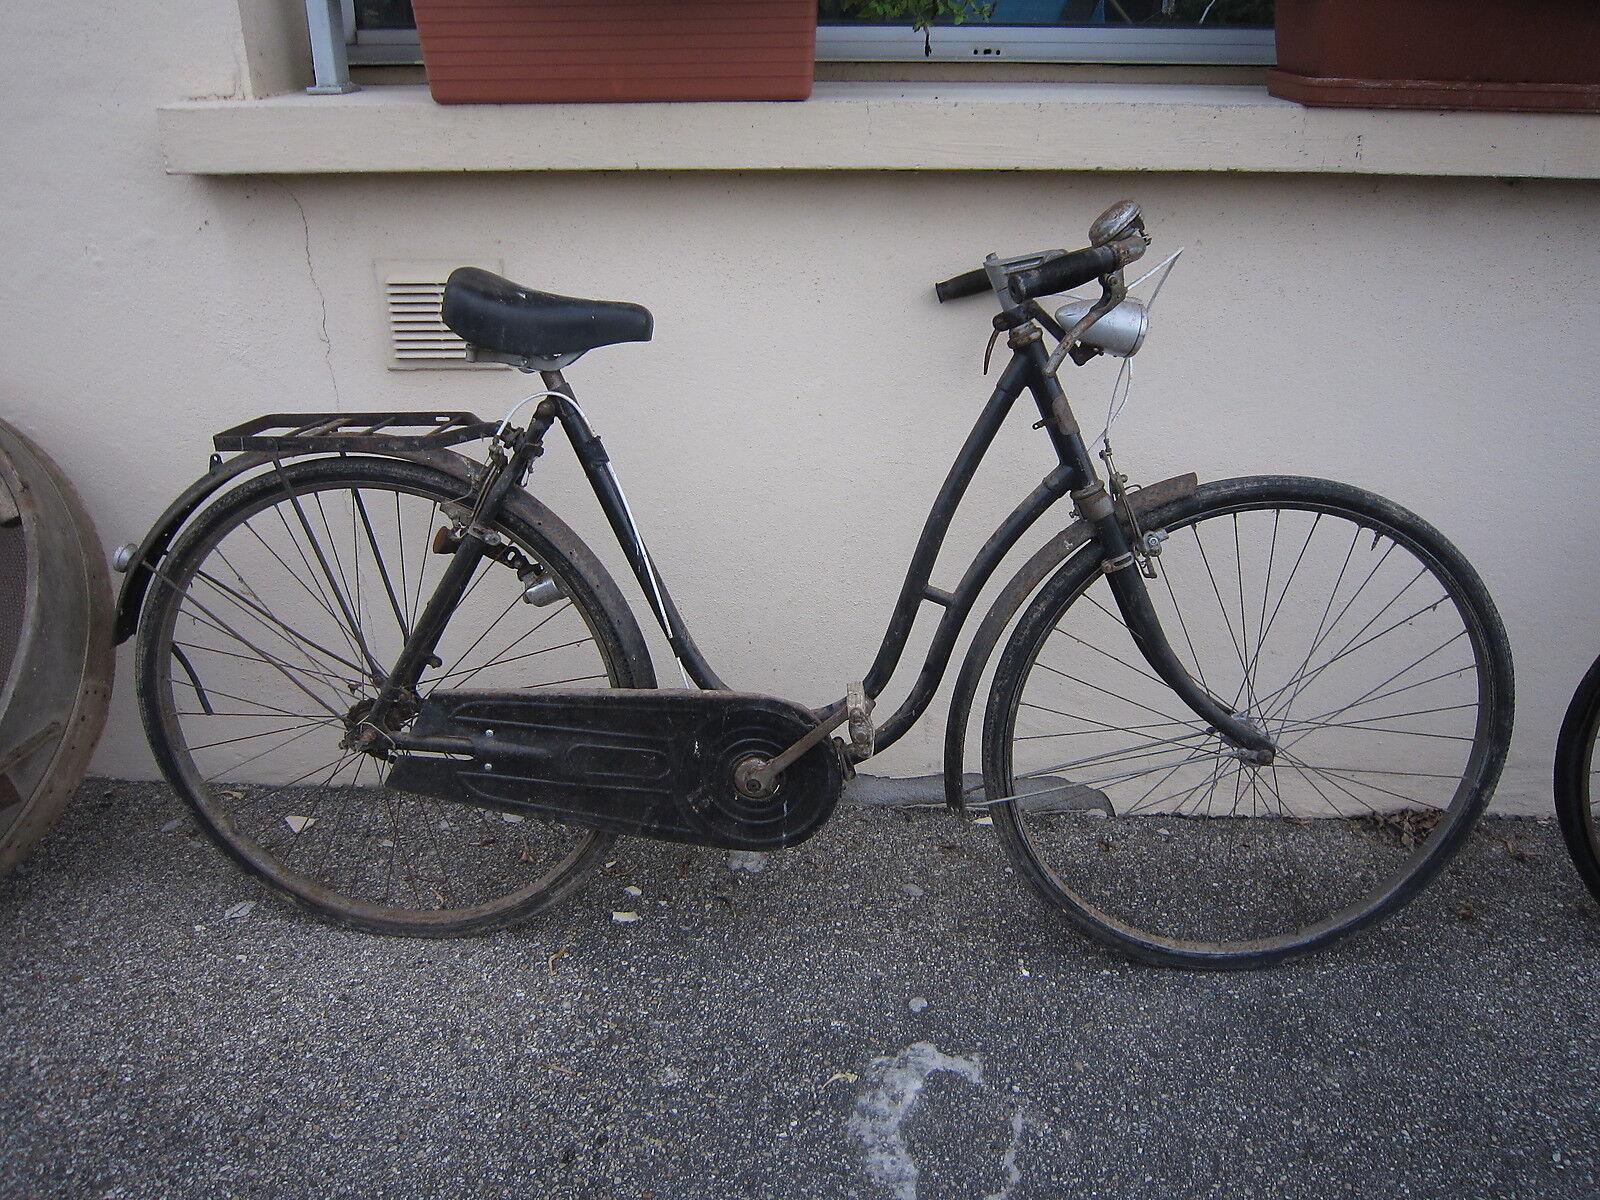 W042 VELO SFA 1935 environ CYCLISME RARE RARE RARE A RESTAURER 42d4c6